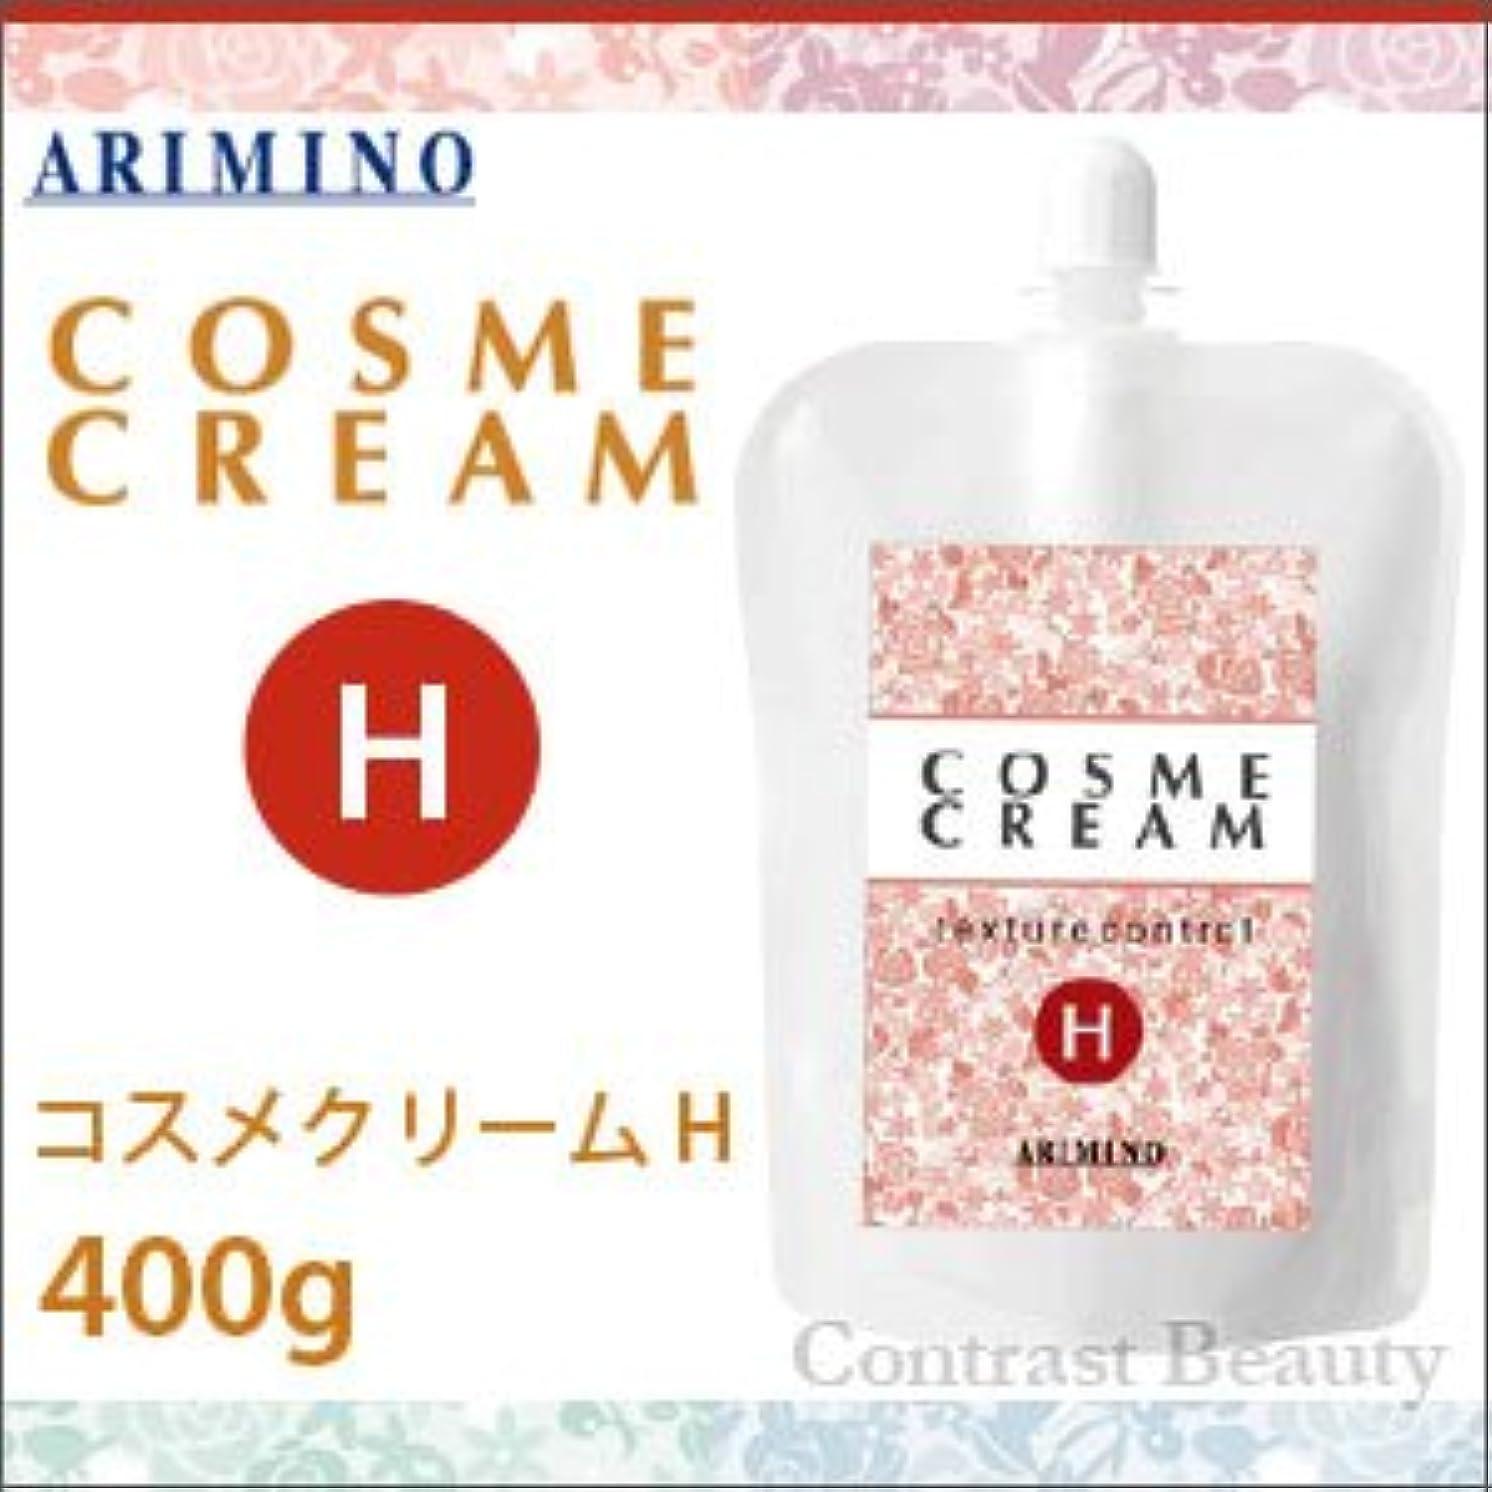 差別的列挙するトロピカルアリミノ コスメクリーム H 400g